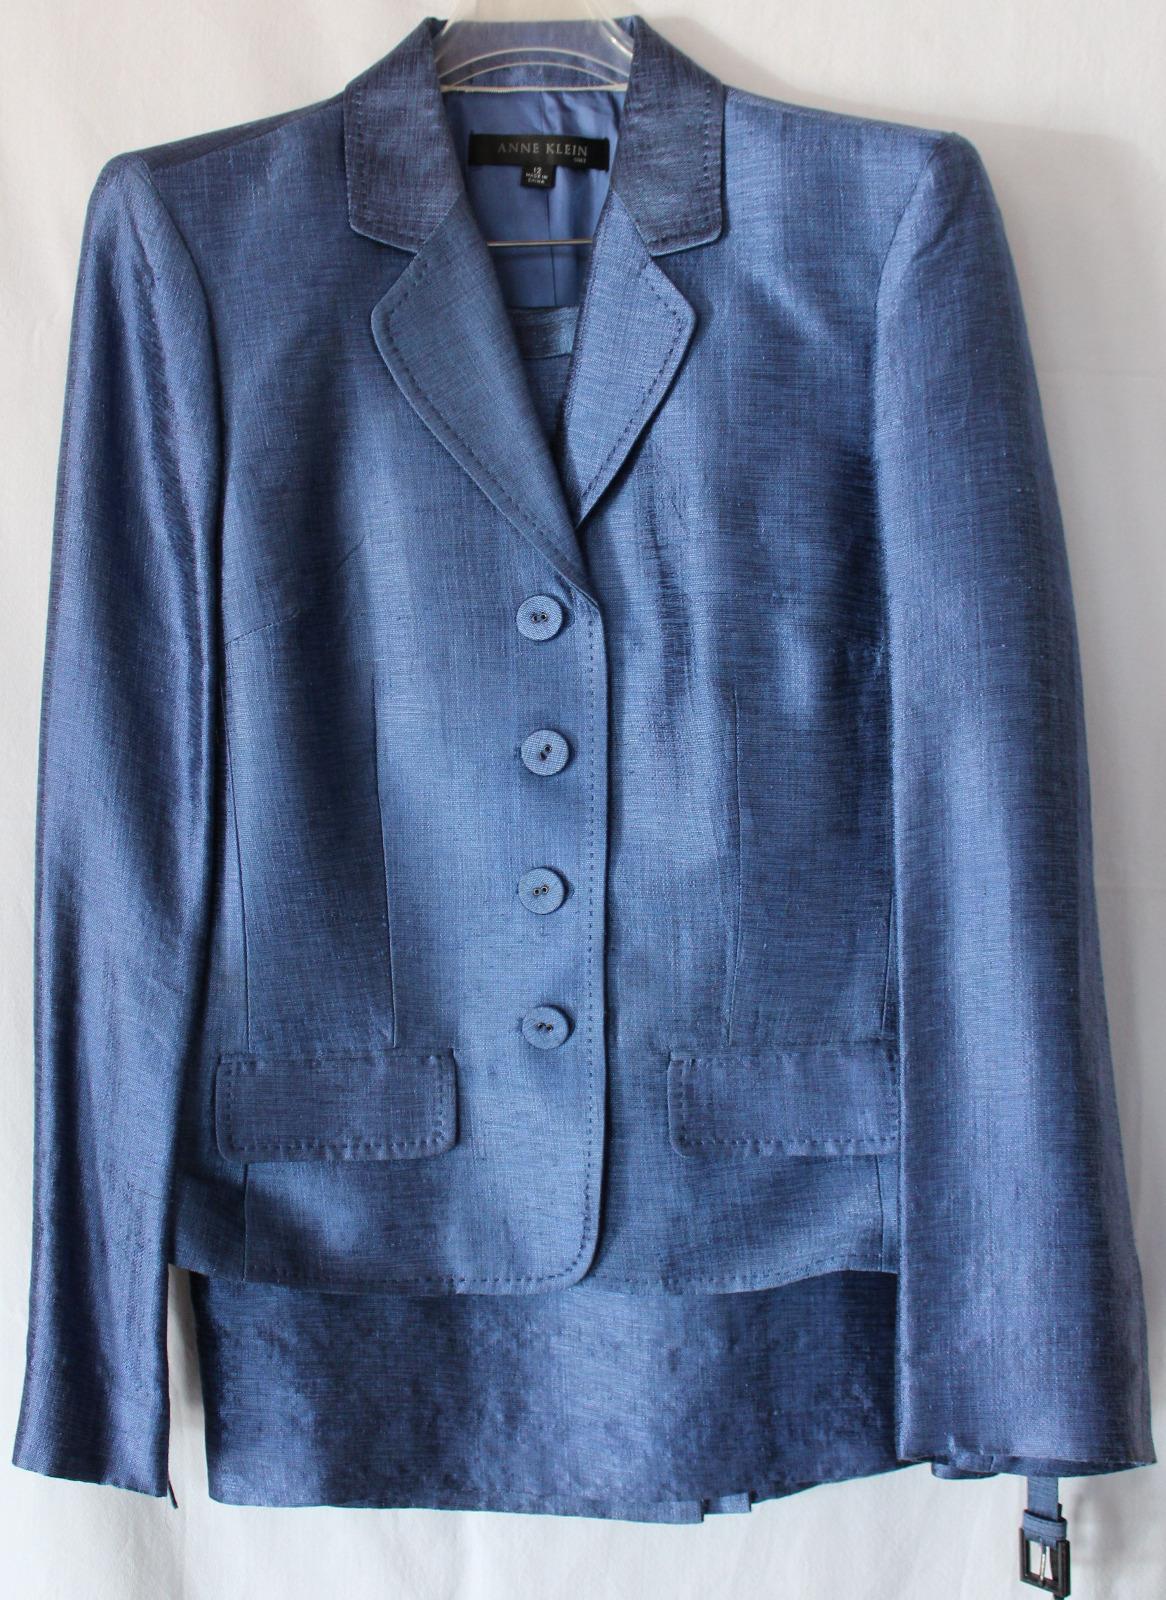 Anne Klein Suit (size 12)